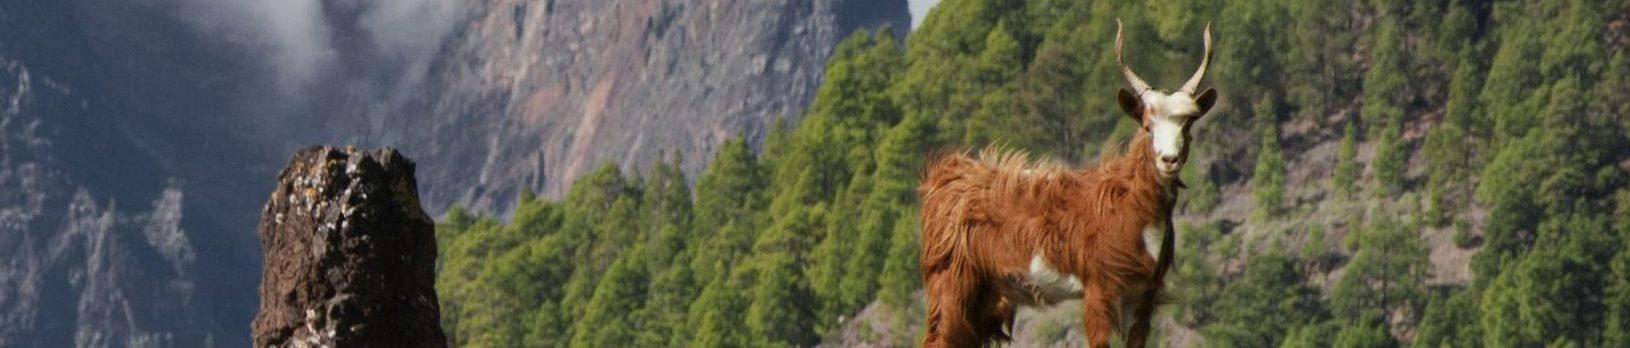 La Cabra Palmera presenta su nuevo Catálogo de Reproductores